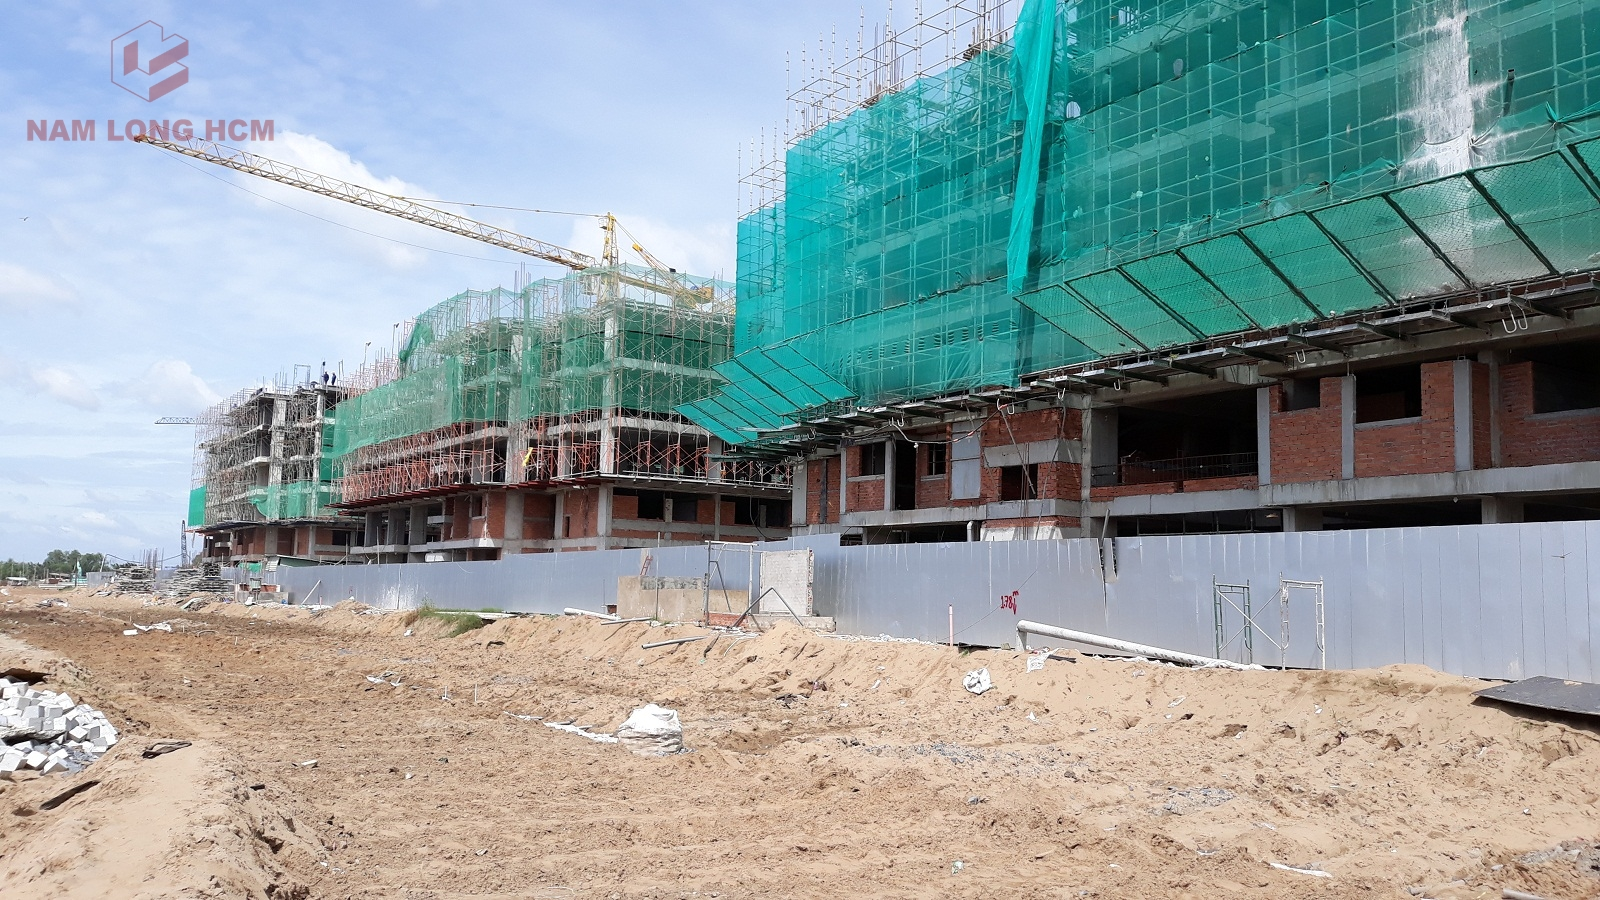 Tiến độ xây dựng Block B,D,E dự án Ehome S Bình Chánh - Nam Long HCM